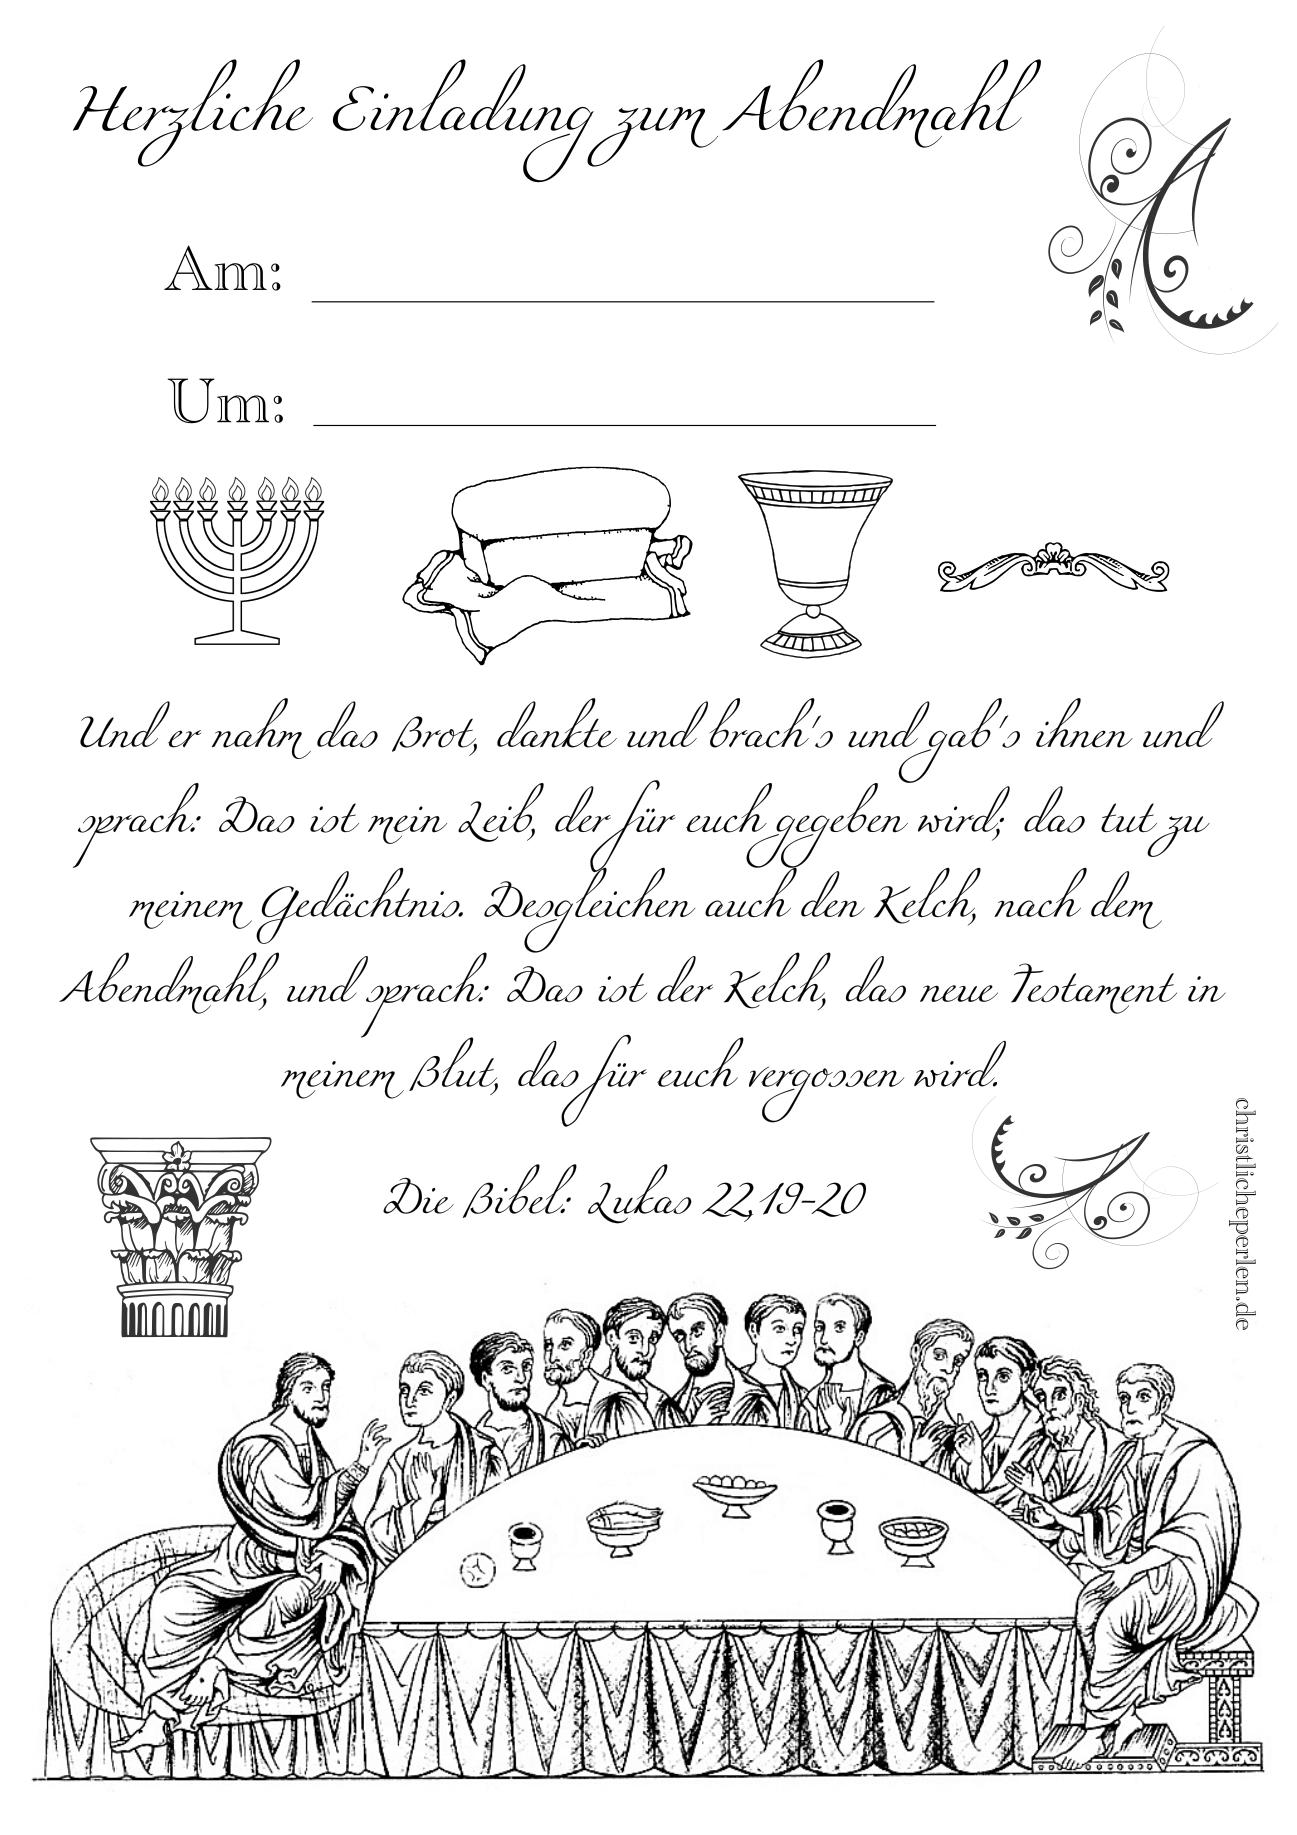 Abendmahl | Christliche Perlen